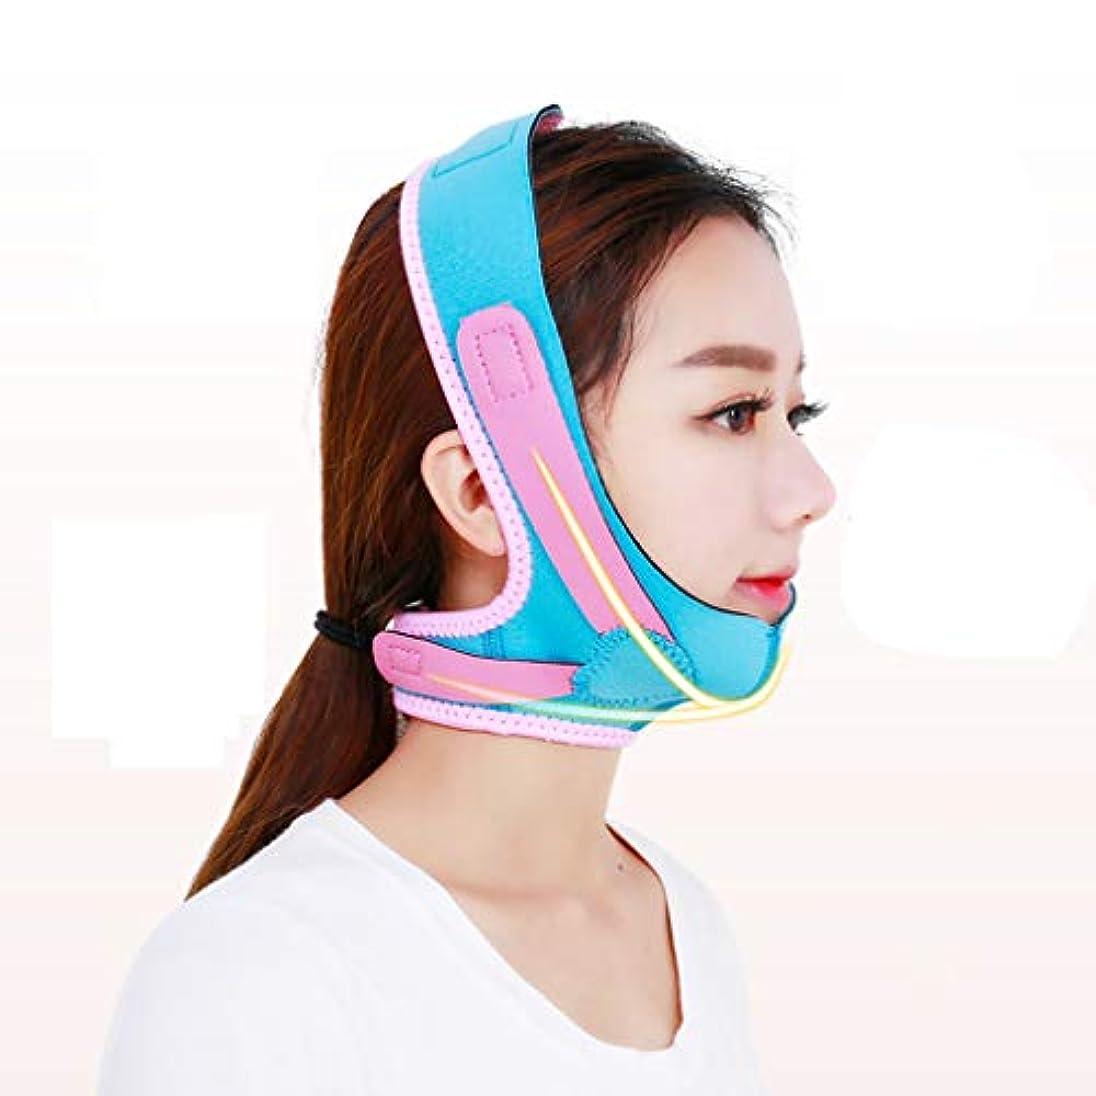 まだら注入する頬顔の重量の損失の顔の計器の包帯小さな顔のステッカーの女性の睡眠の顎セット